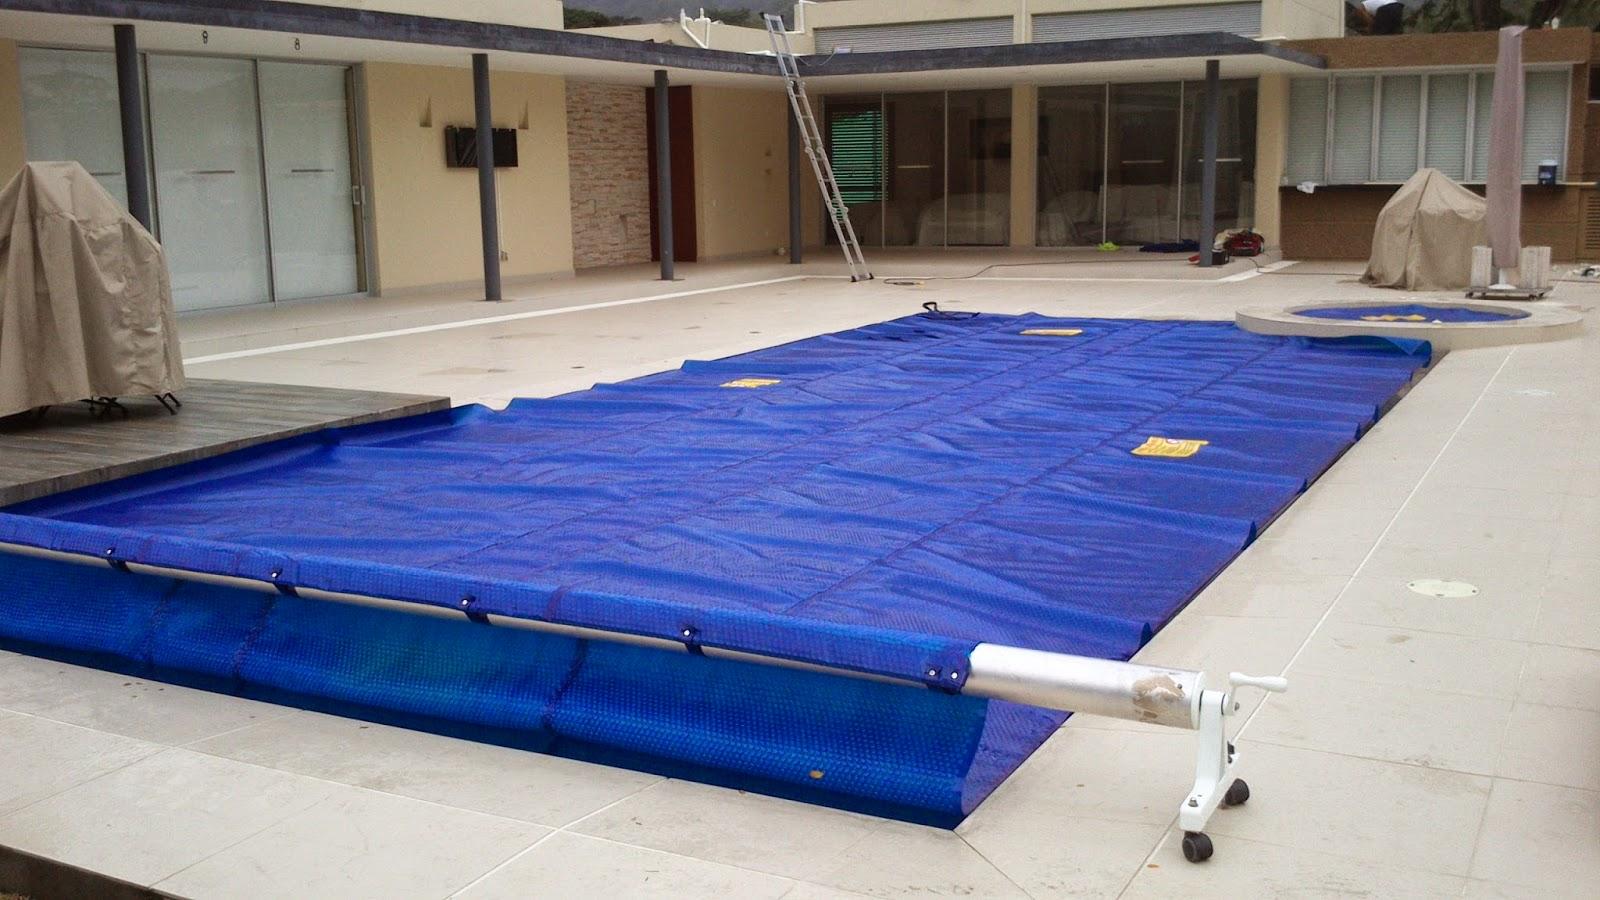 Klaus solar en soefi como funciona un calentador solar de for Calentador piscina solar